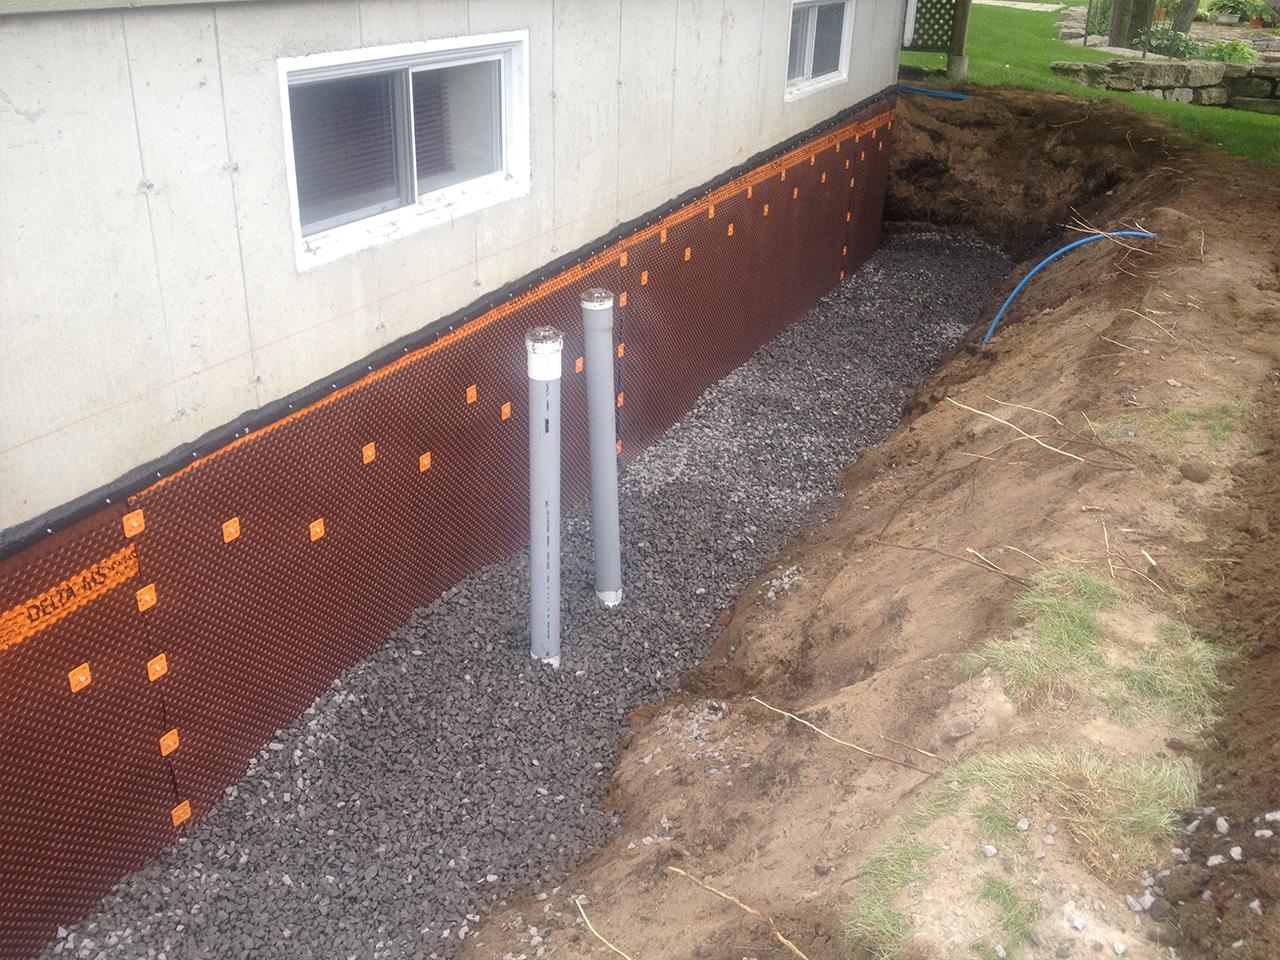 Installation de membrane pour fondation (membrane hydrofuge pour solage) | Mini-Excavation Joliette